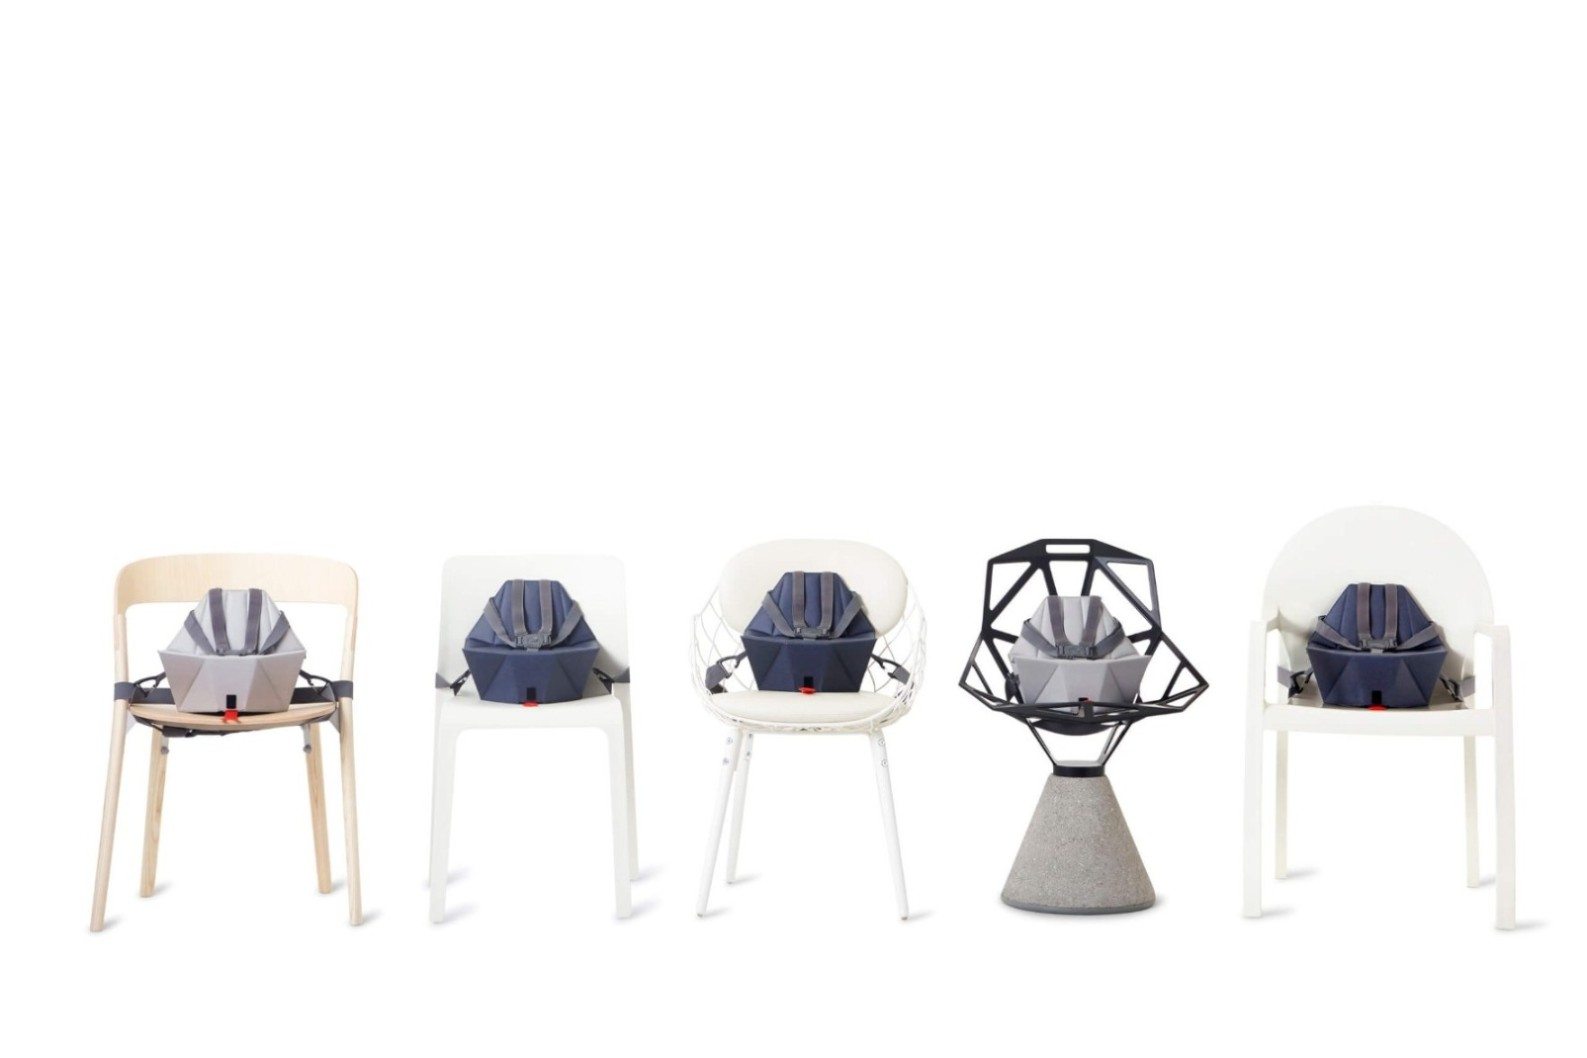 比利時 Bombol 平板大小 嬰兒摺椅27